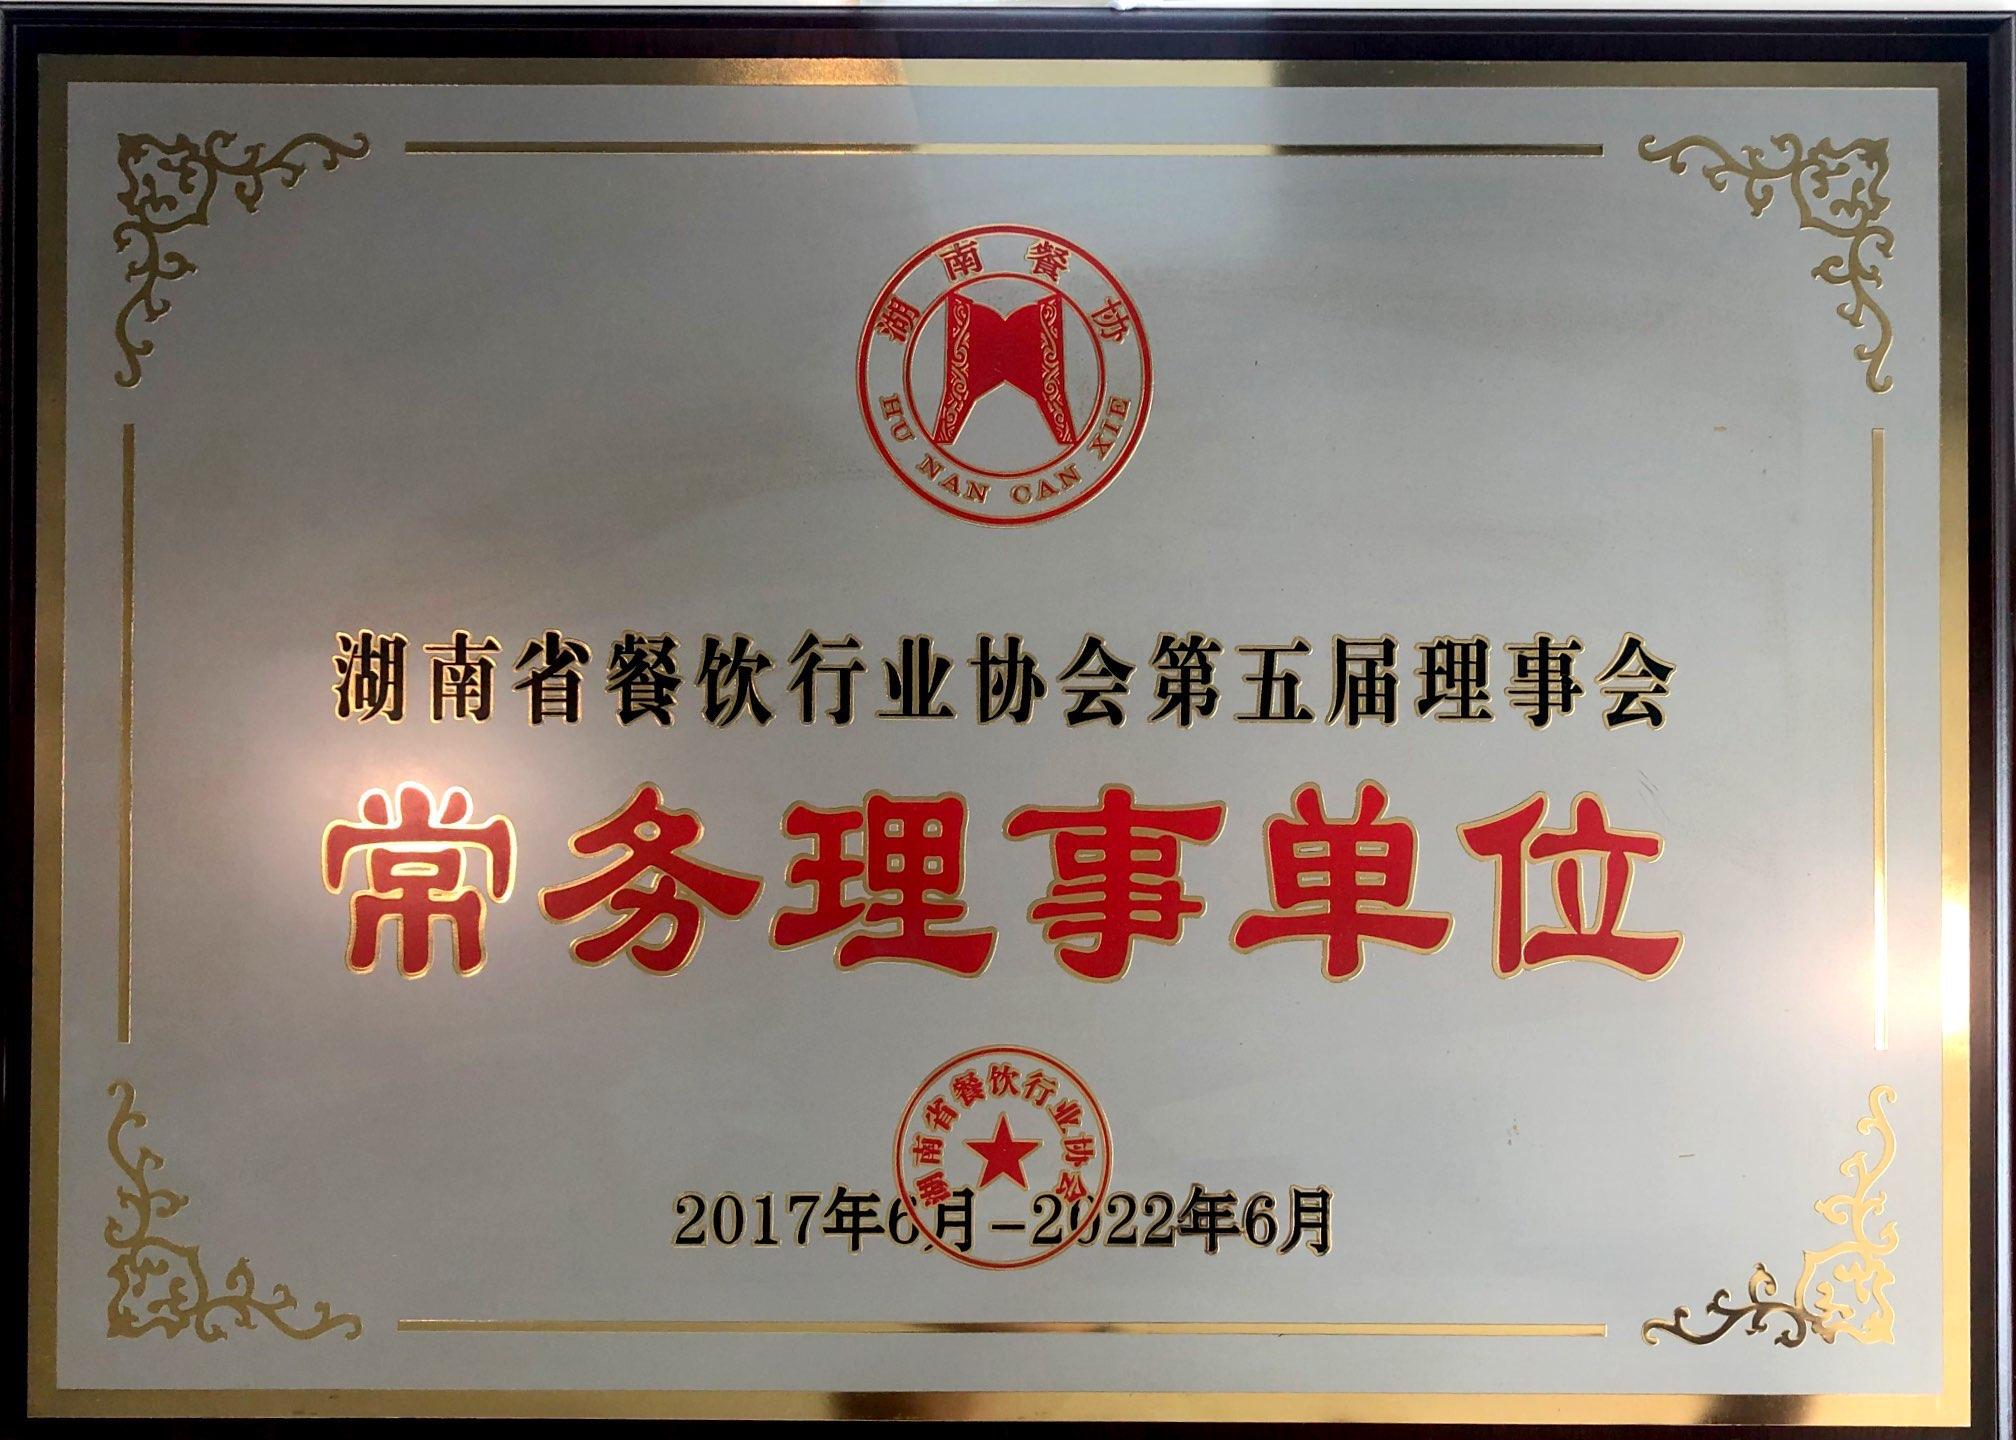 <span>湖南省餐饮行业协会常务理事单位</span>